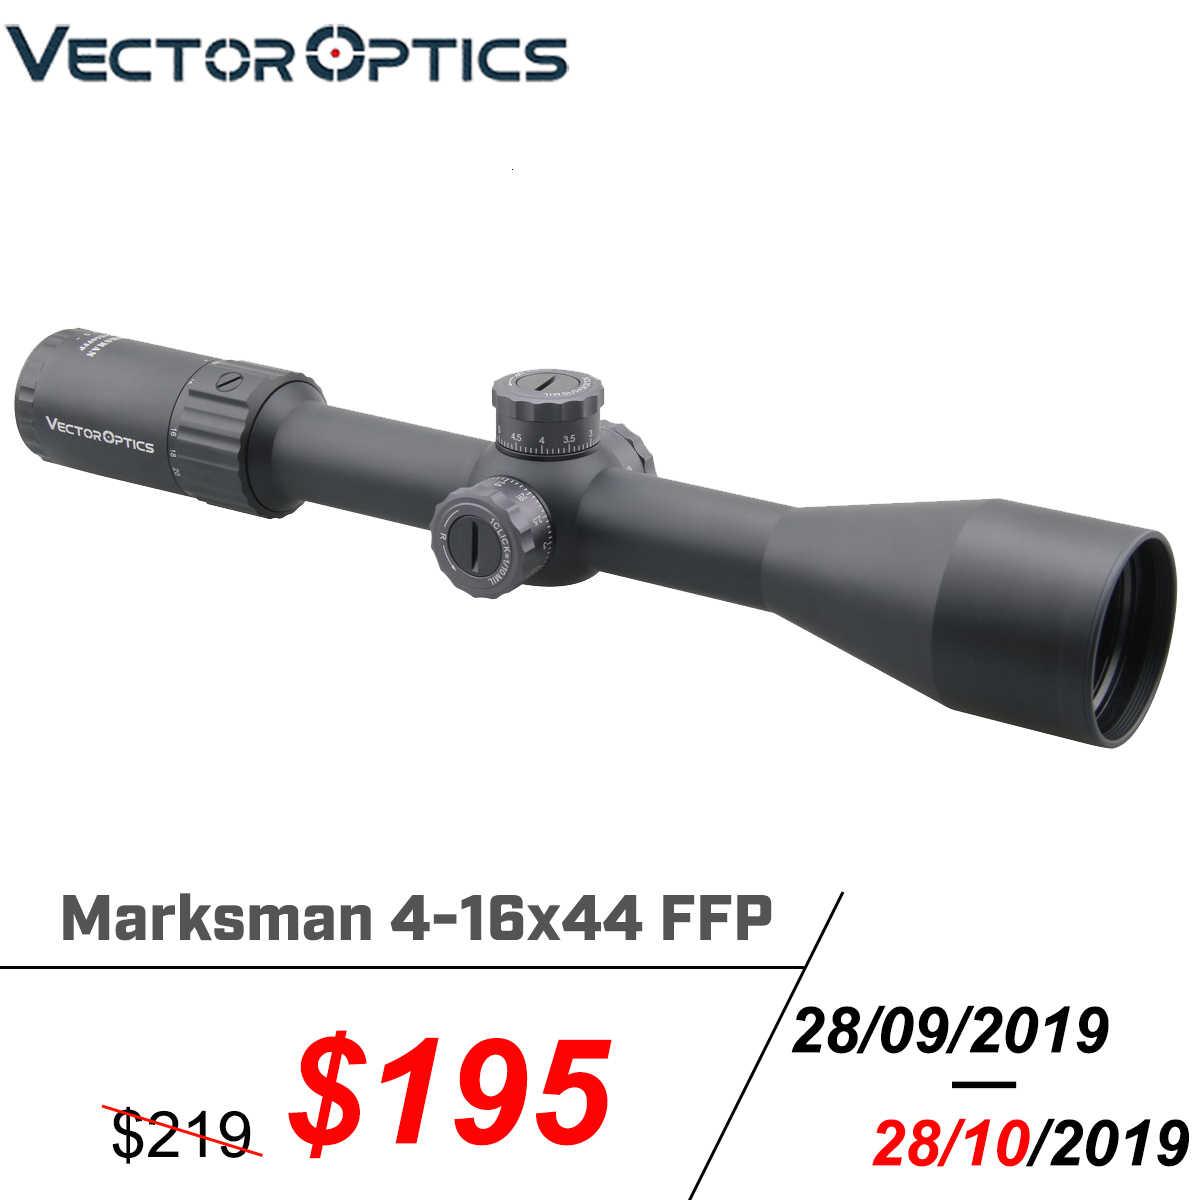 مكافحة ناقلات البصريات الرماة 4-16x44 FFP التكتيكية بندقية نطاق 1/10 ميل المستوى البؤري الأول قناص الصيد Riflescope صدمة برهان. 338